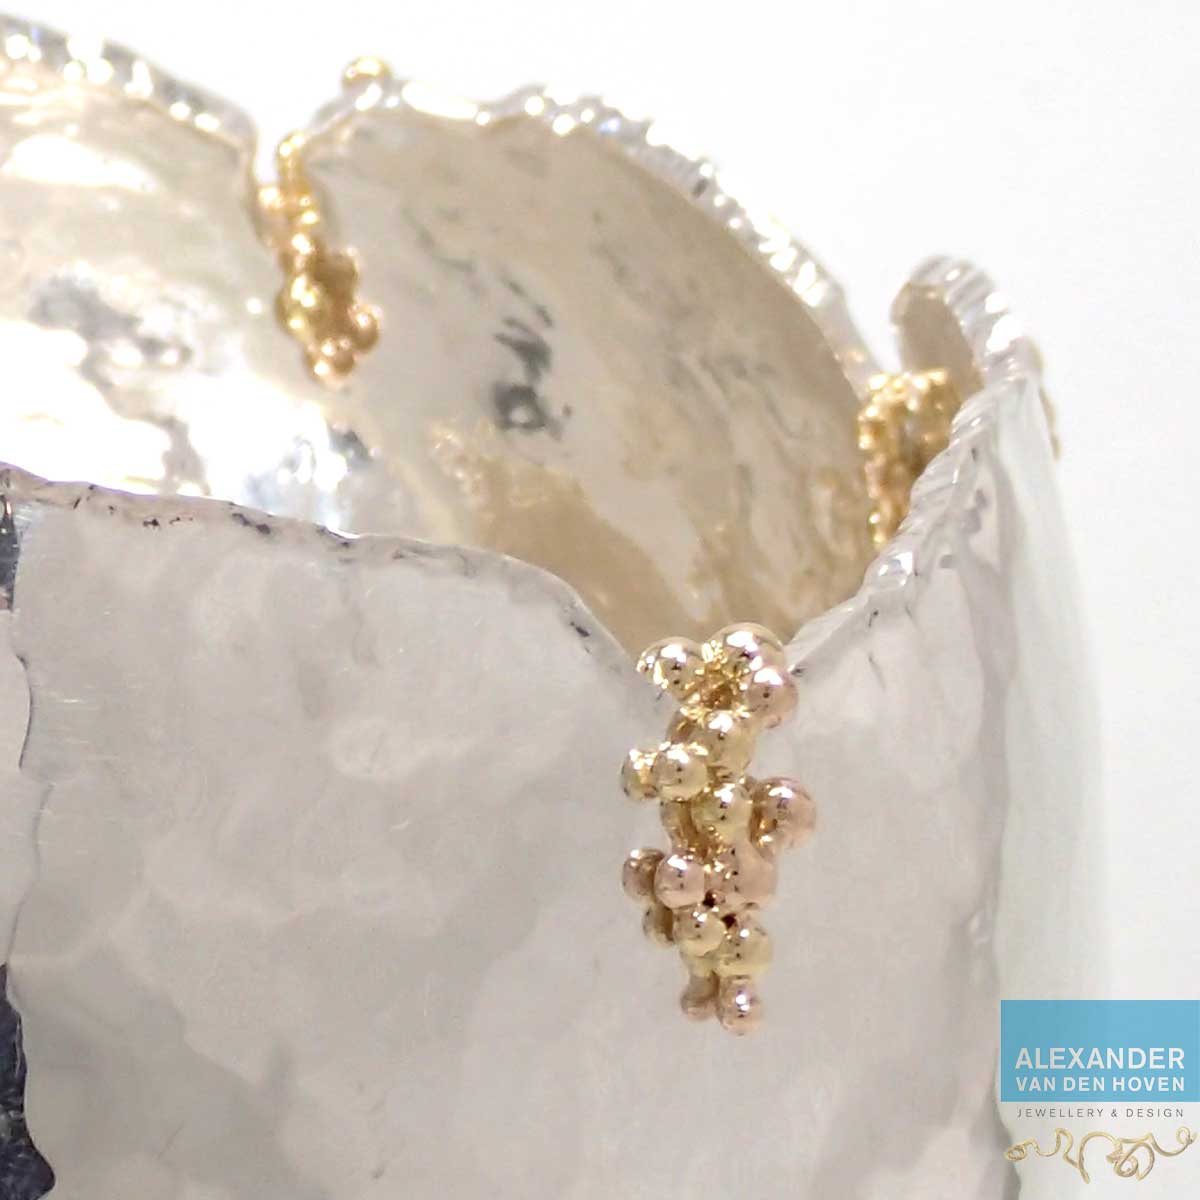 zilveren-schaaltje-gouden-bolletjes-detail-2